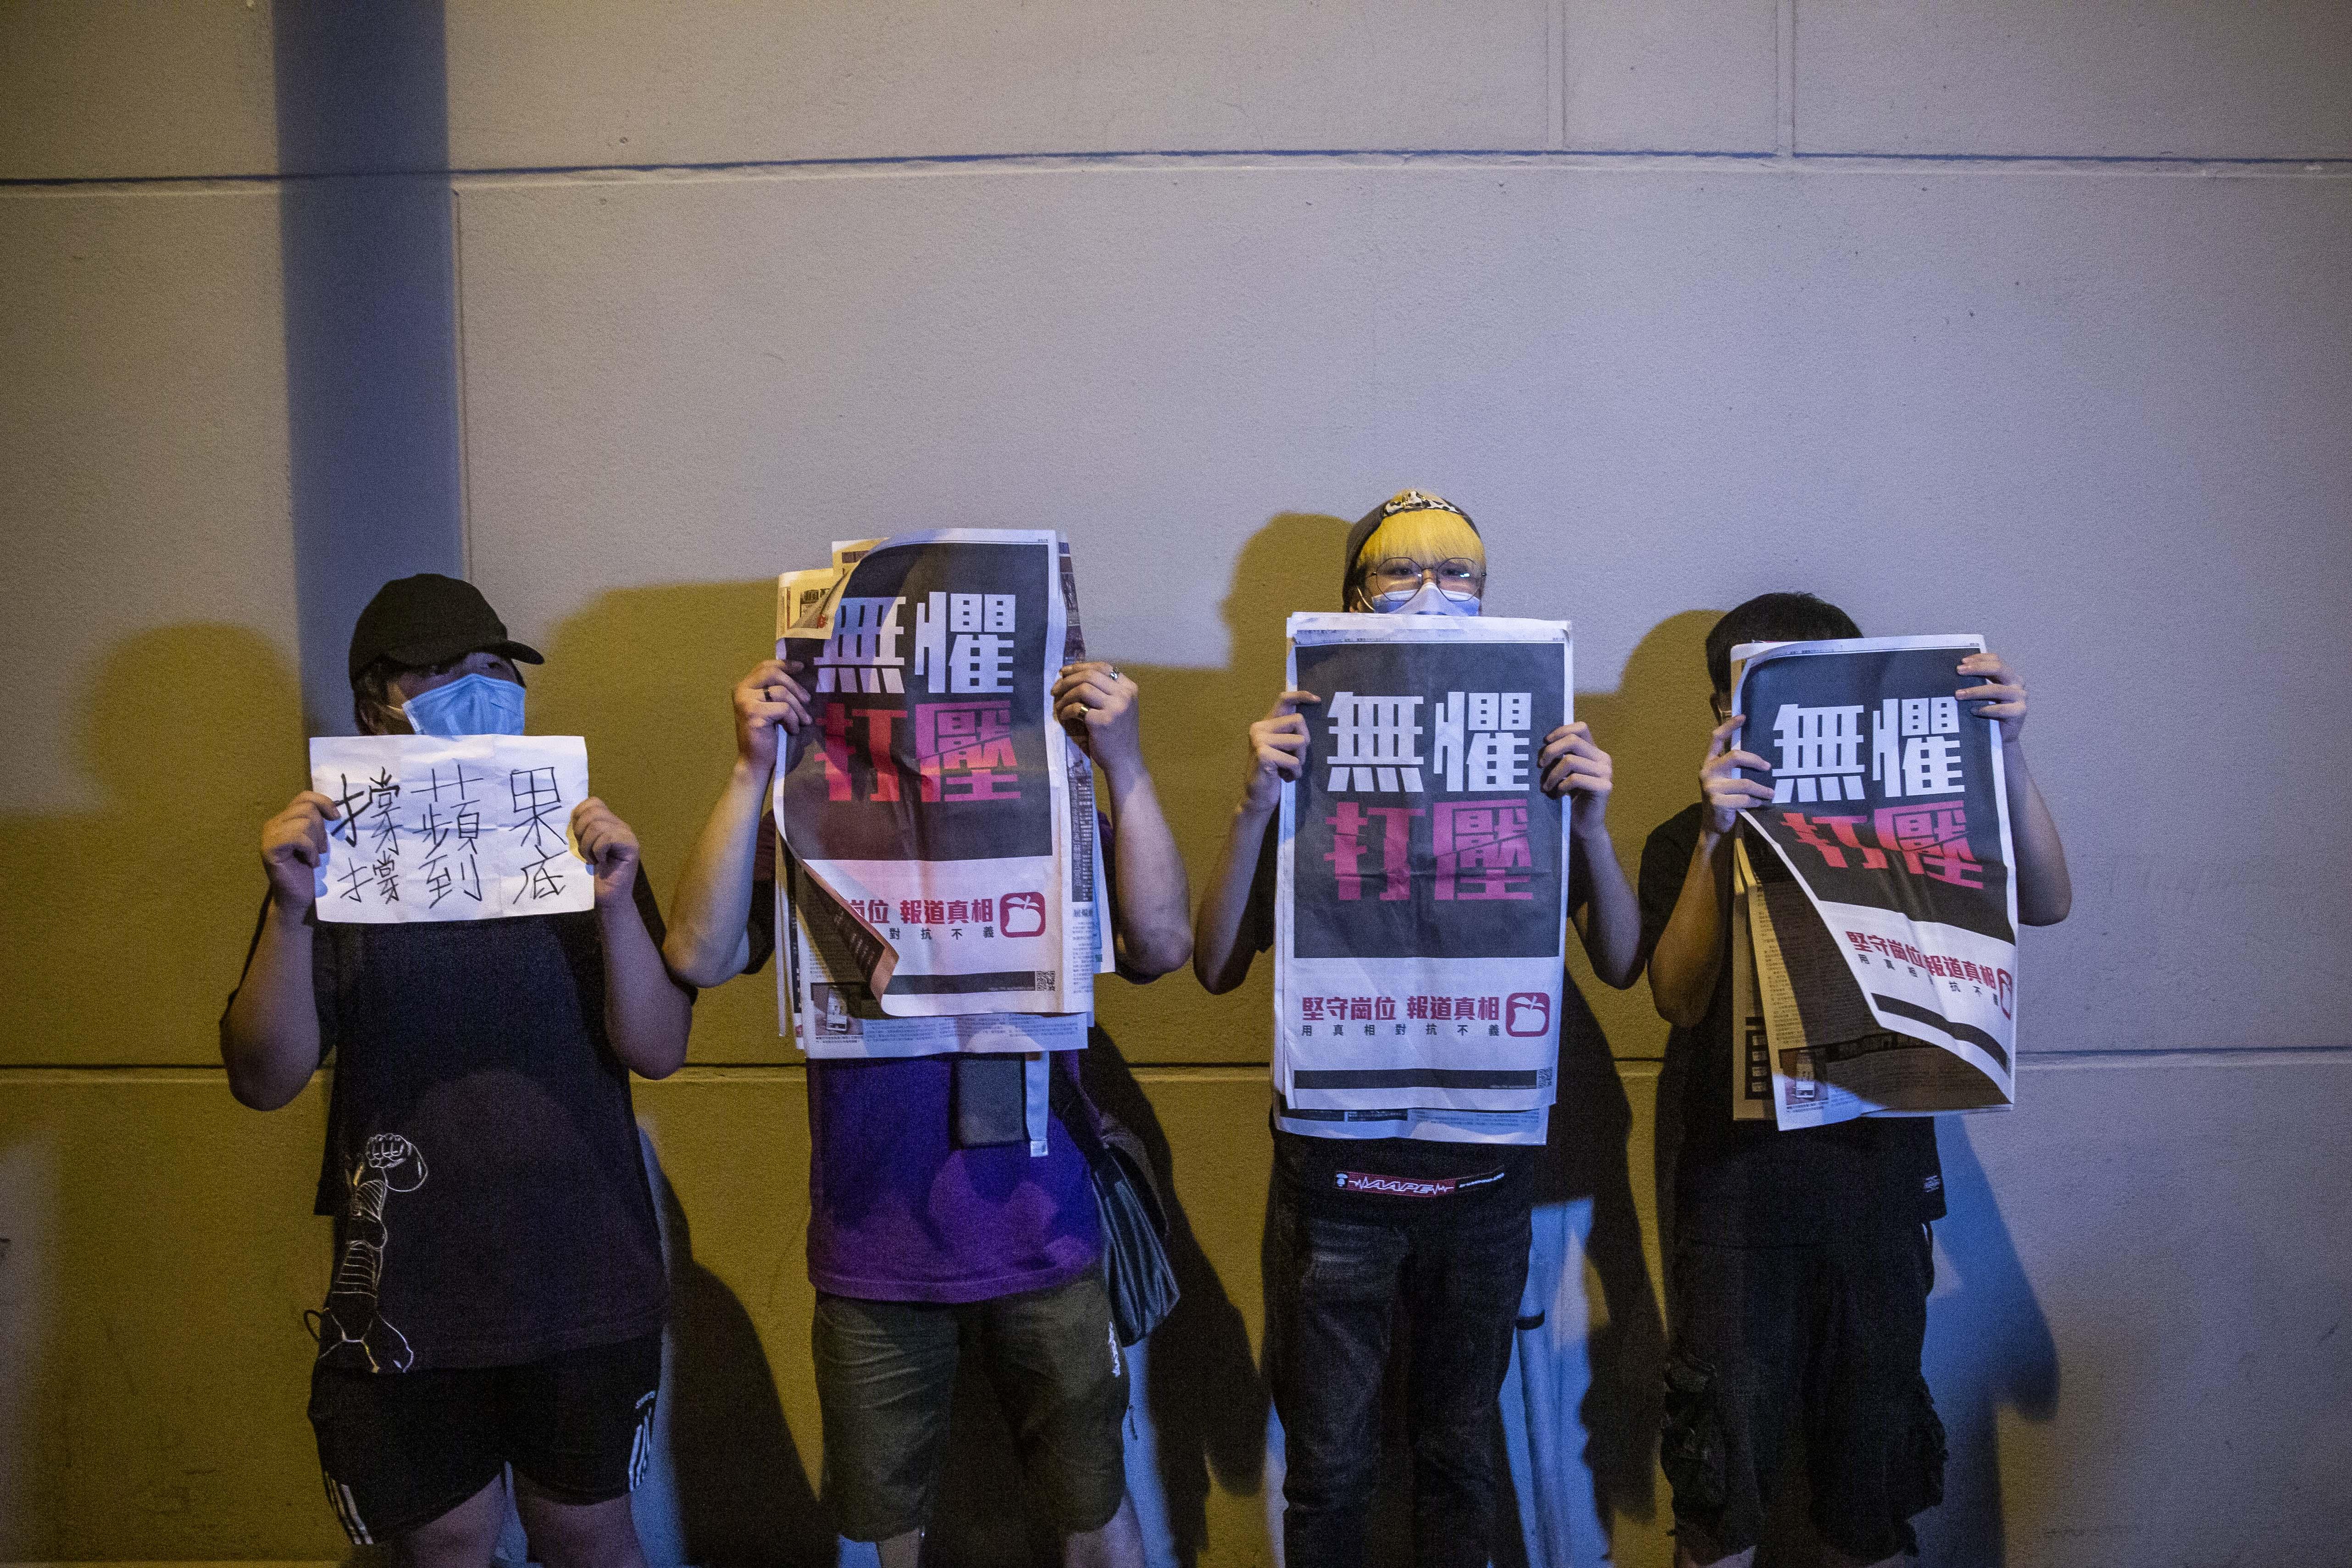 Ócska bulvárlapnak indult, mára a pekingi vezetés ellensége lett a demokráciapárti Apple Daily